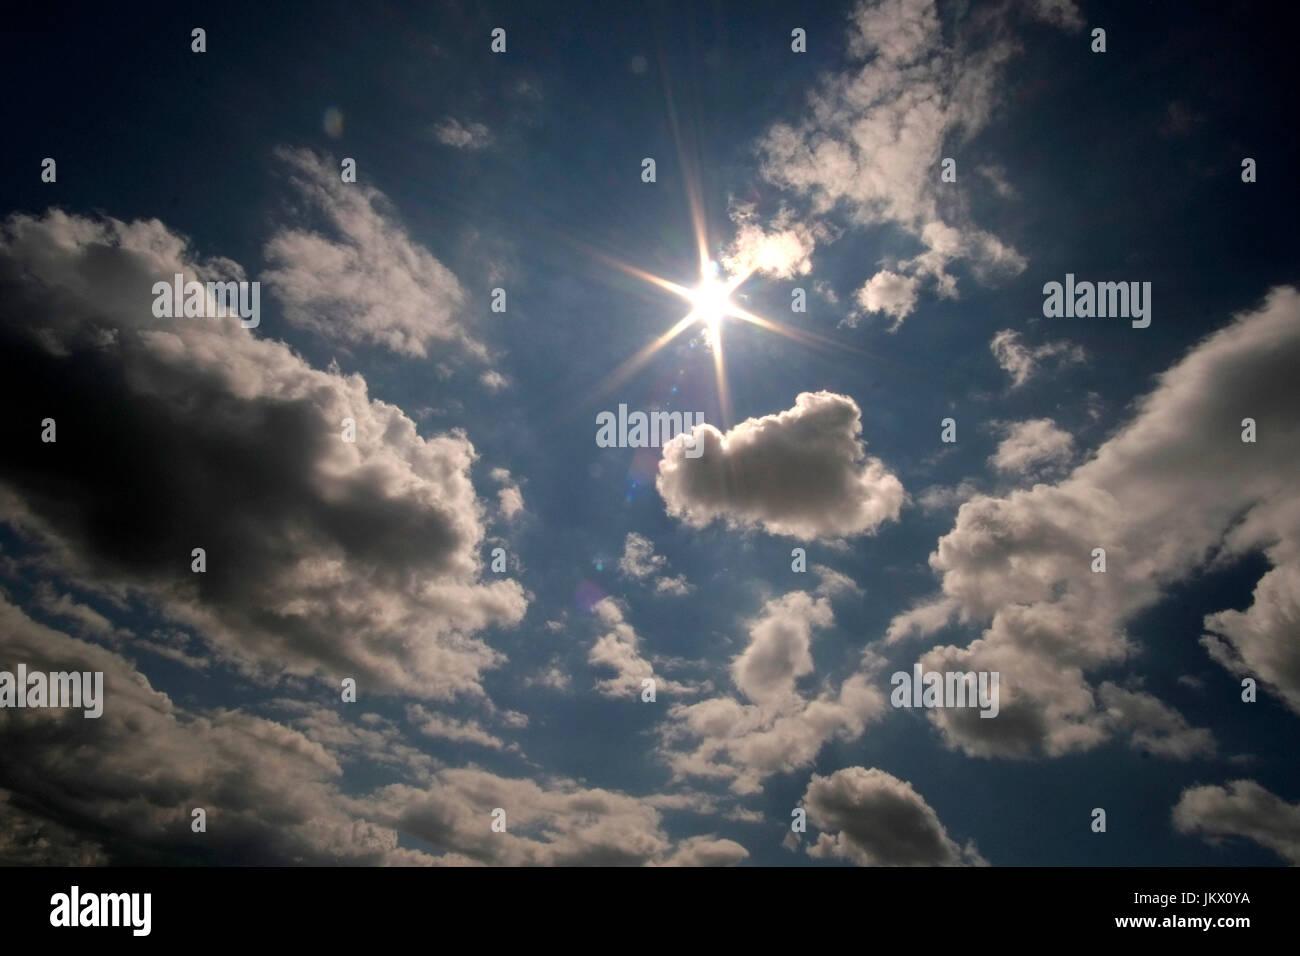 Ein blauer Himmel mit weißen Wolken und eine Sonne Starburst. Stockbild